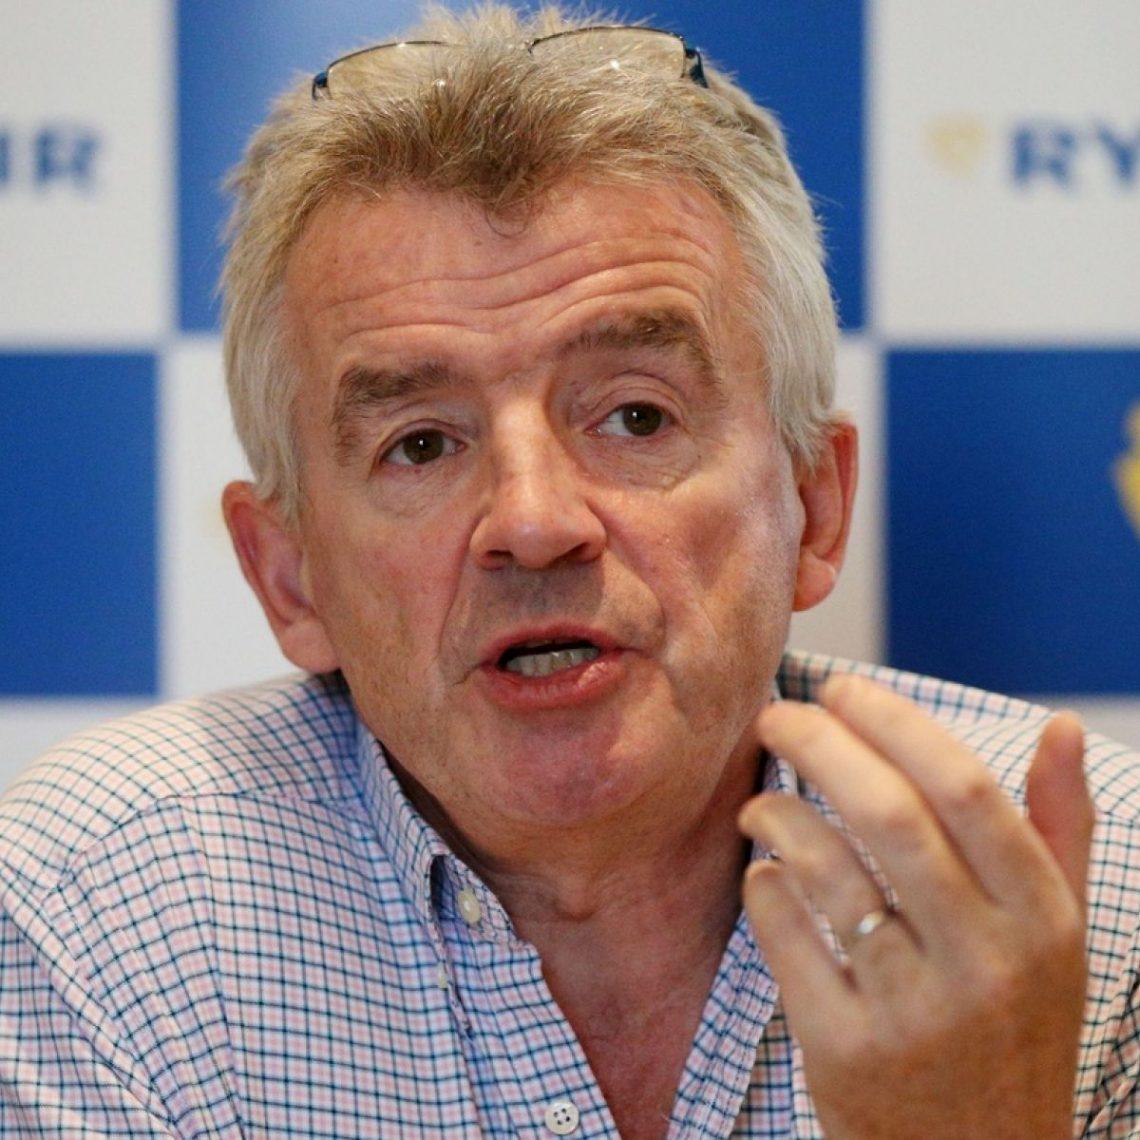 Ryanair- ի գլխավոր տնօրենը 3 միլիարդ եվրո հիմնադրամ է մրցում Alitalia- ի հետ